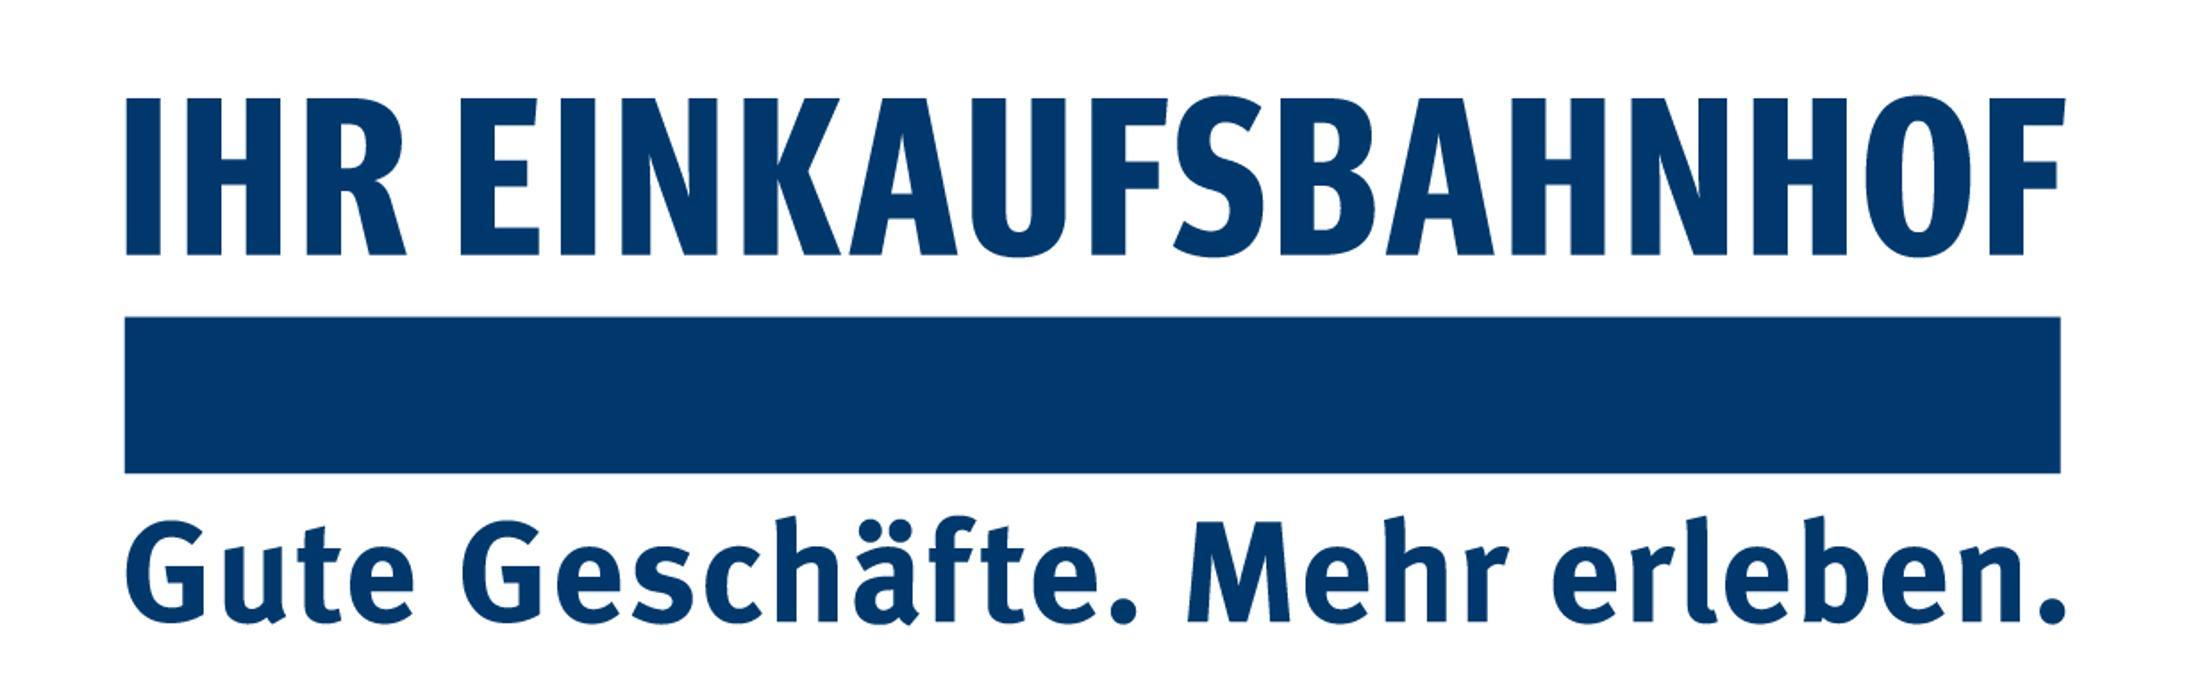 Einkaufsbahnhof Köln Hbf